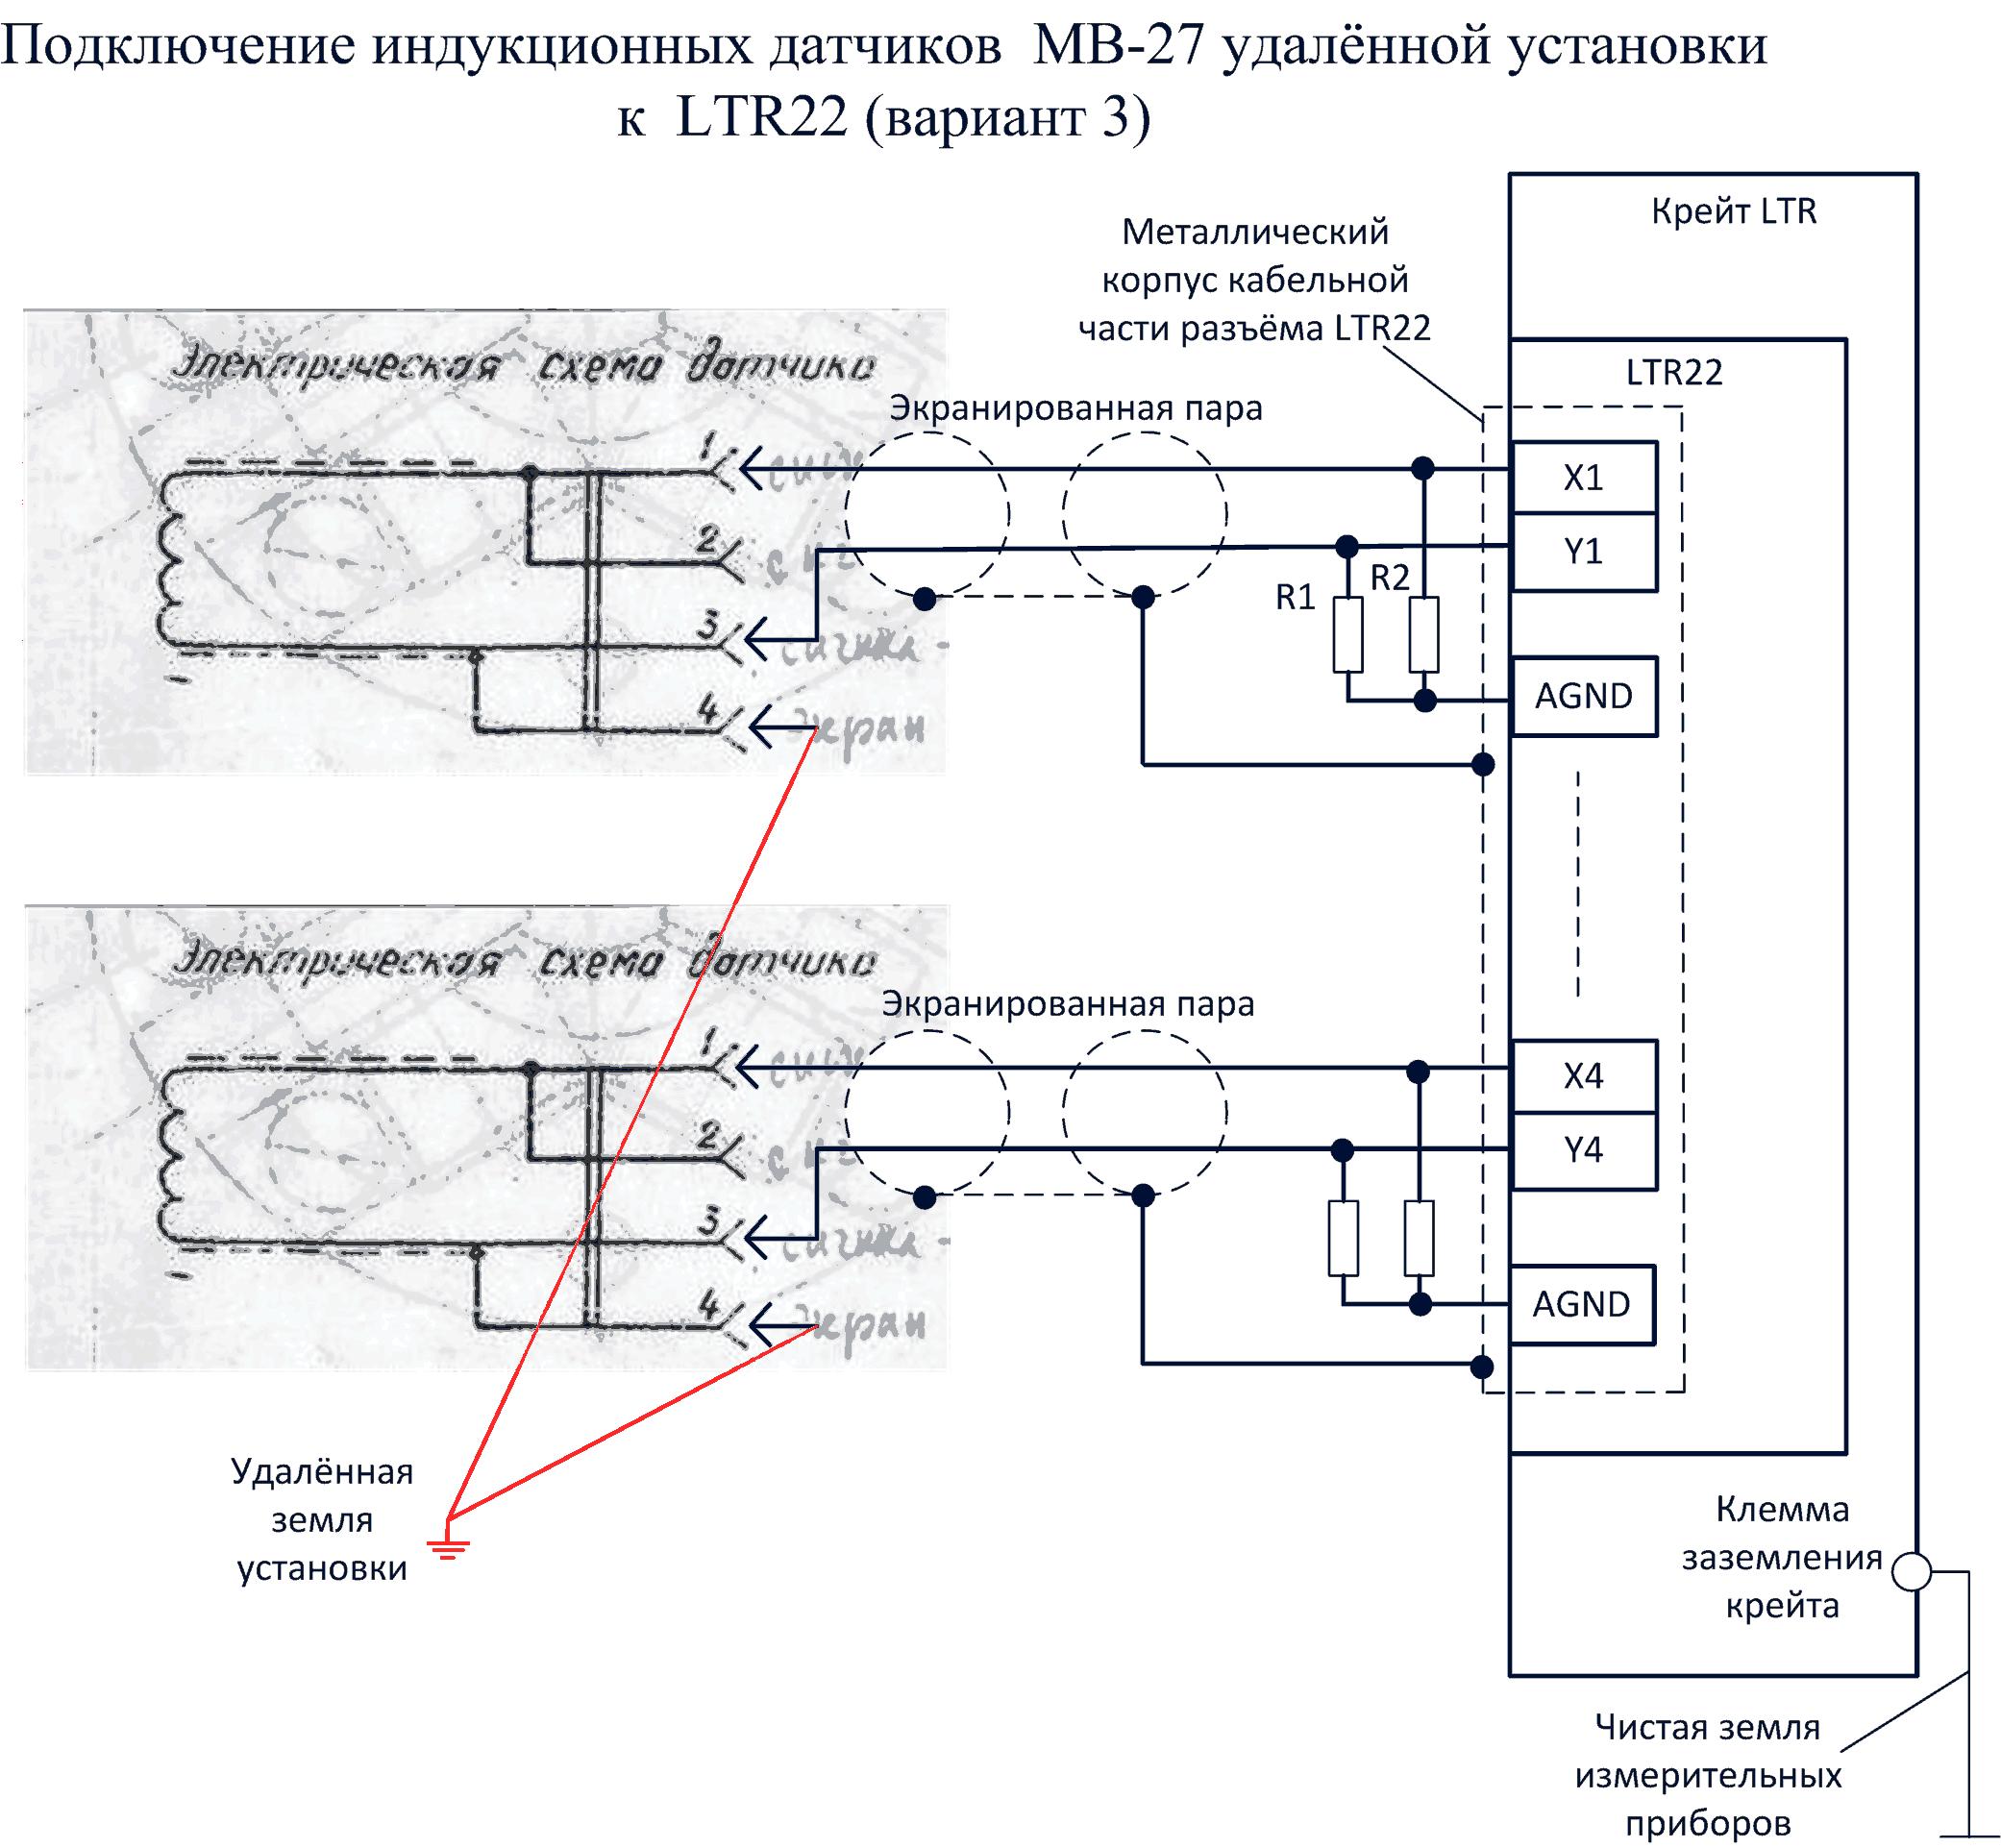 схема подключения индукционного датчика